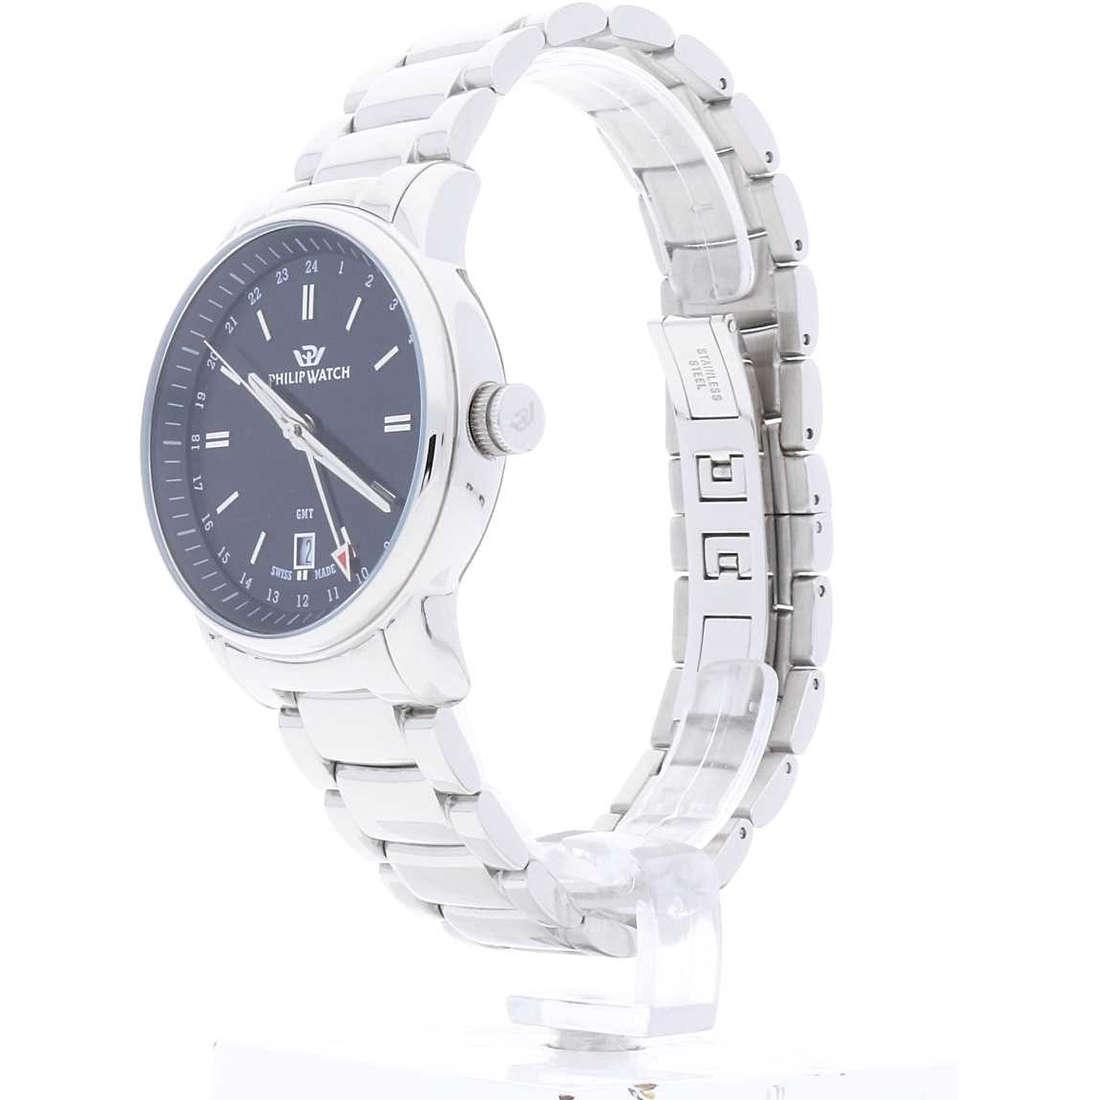 sale watches man Philip Watch R8253178008